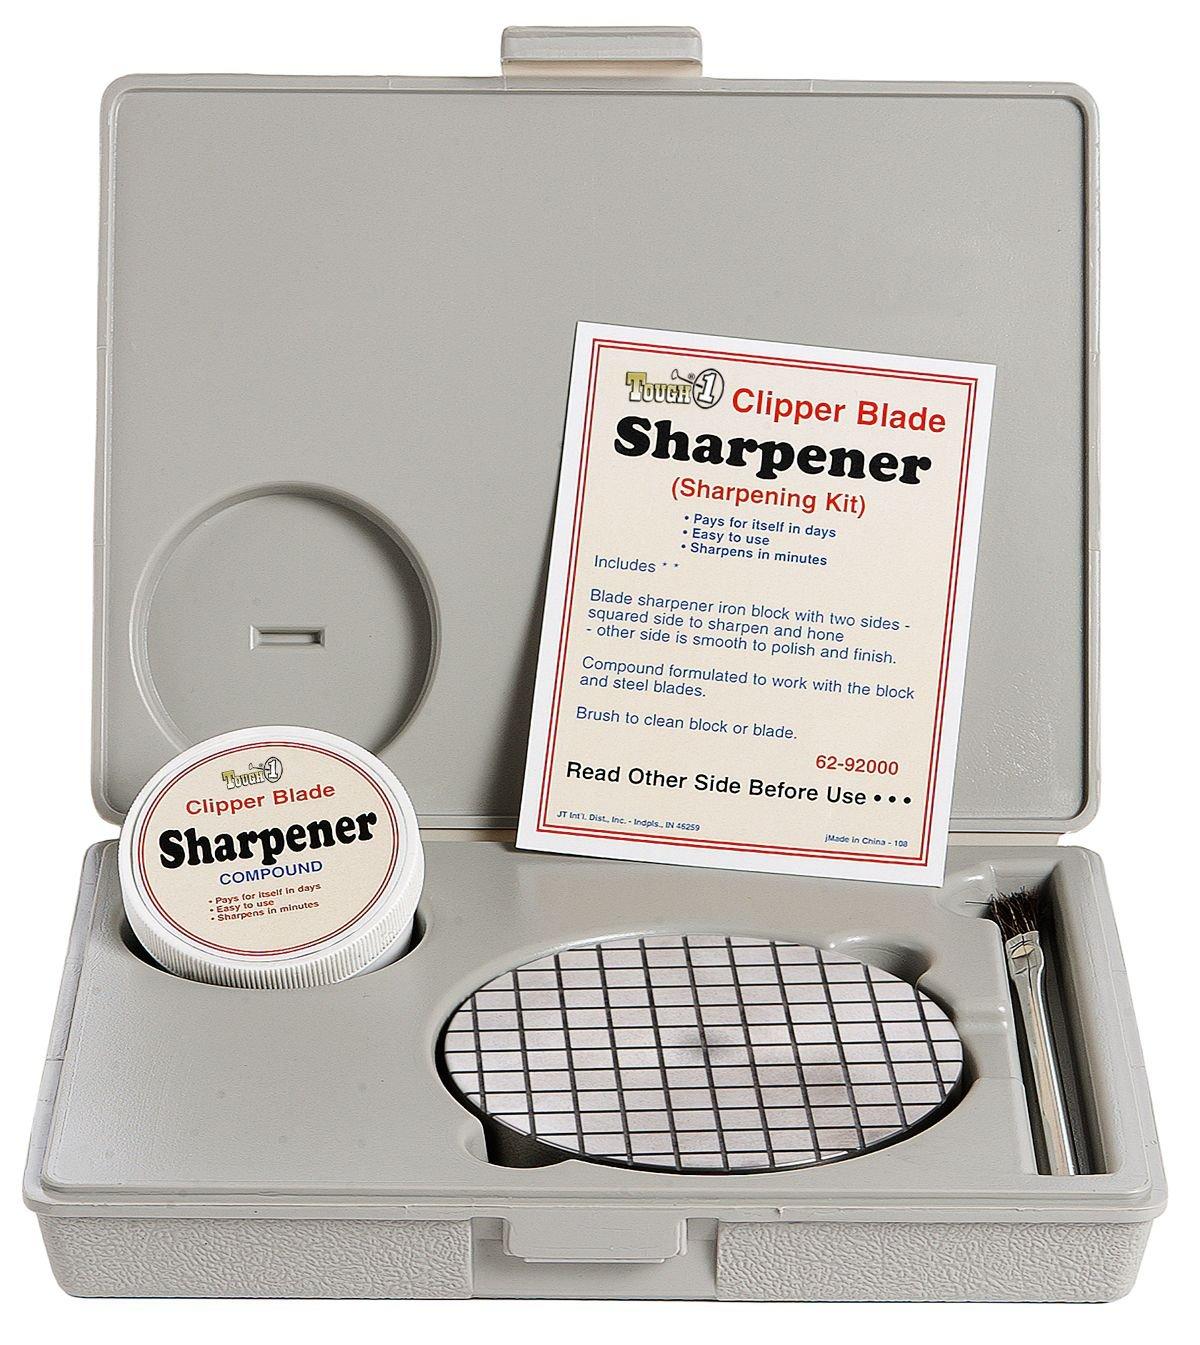 Tough 1 Clipper Blade Sharpener Kit